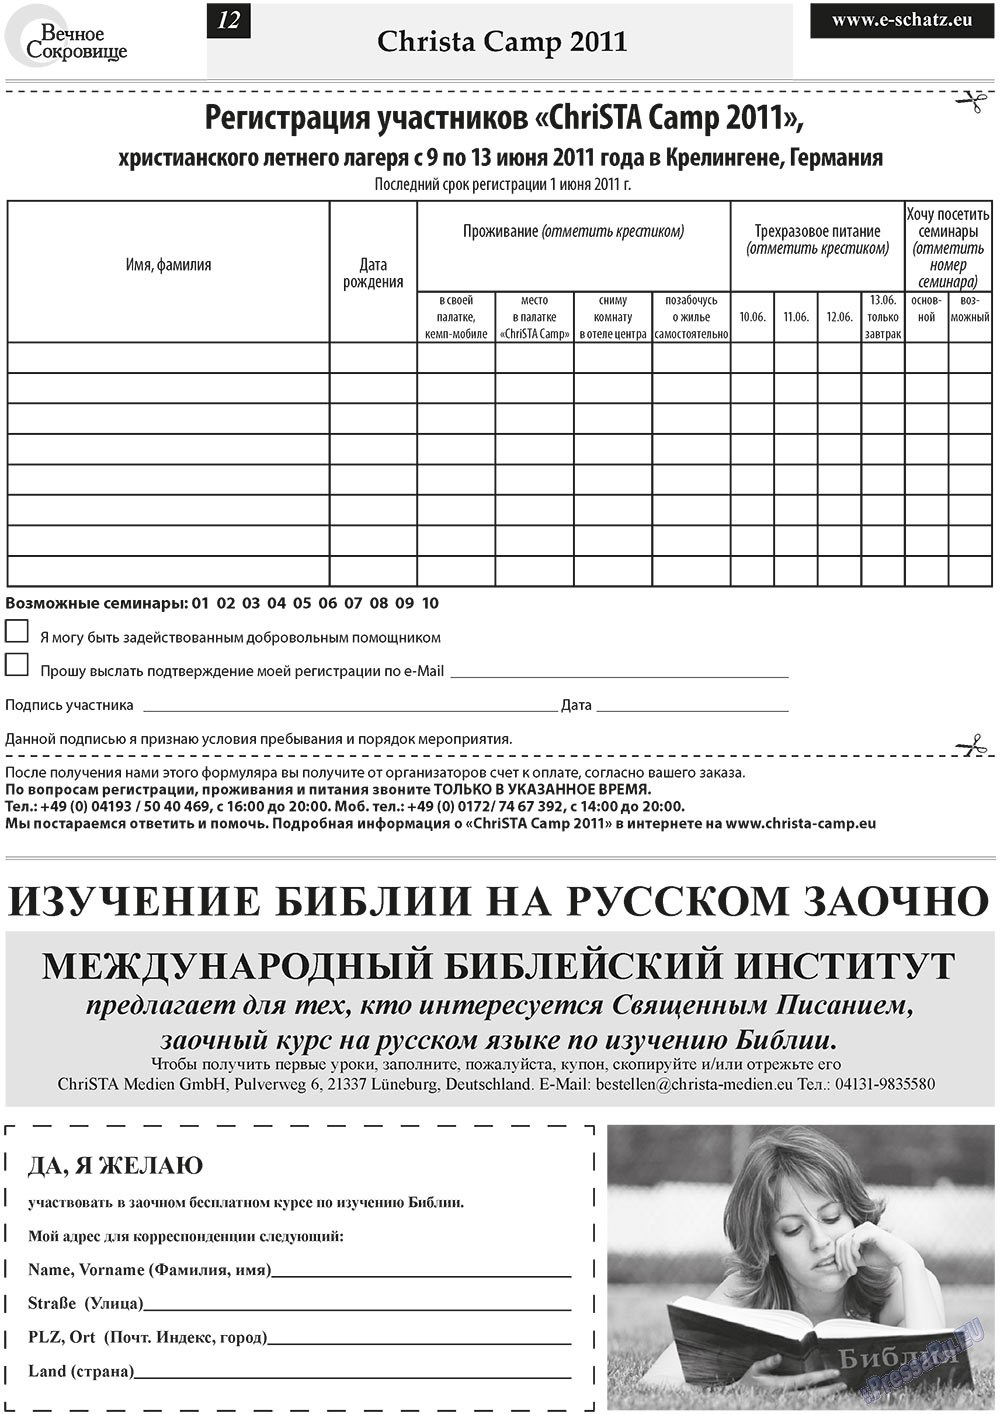 Вечное сокровище (газета). 2011 год, номер 2, стр. 12